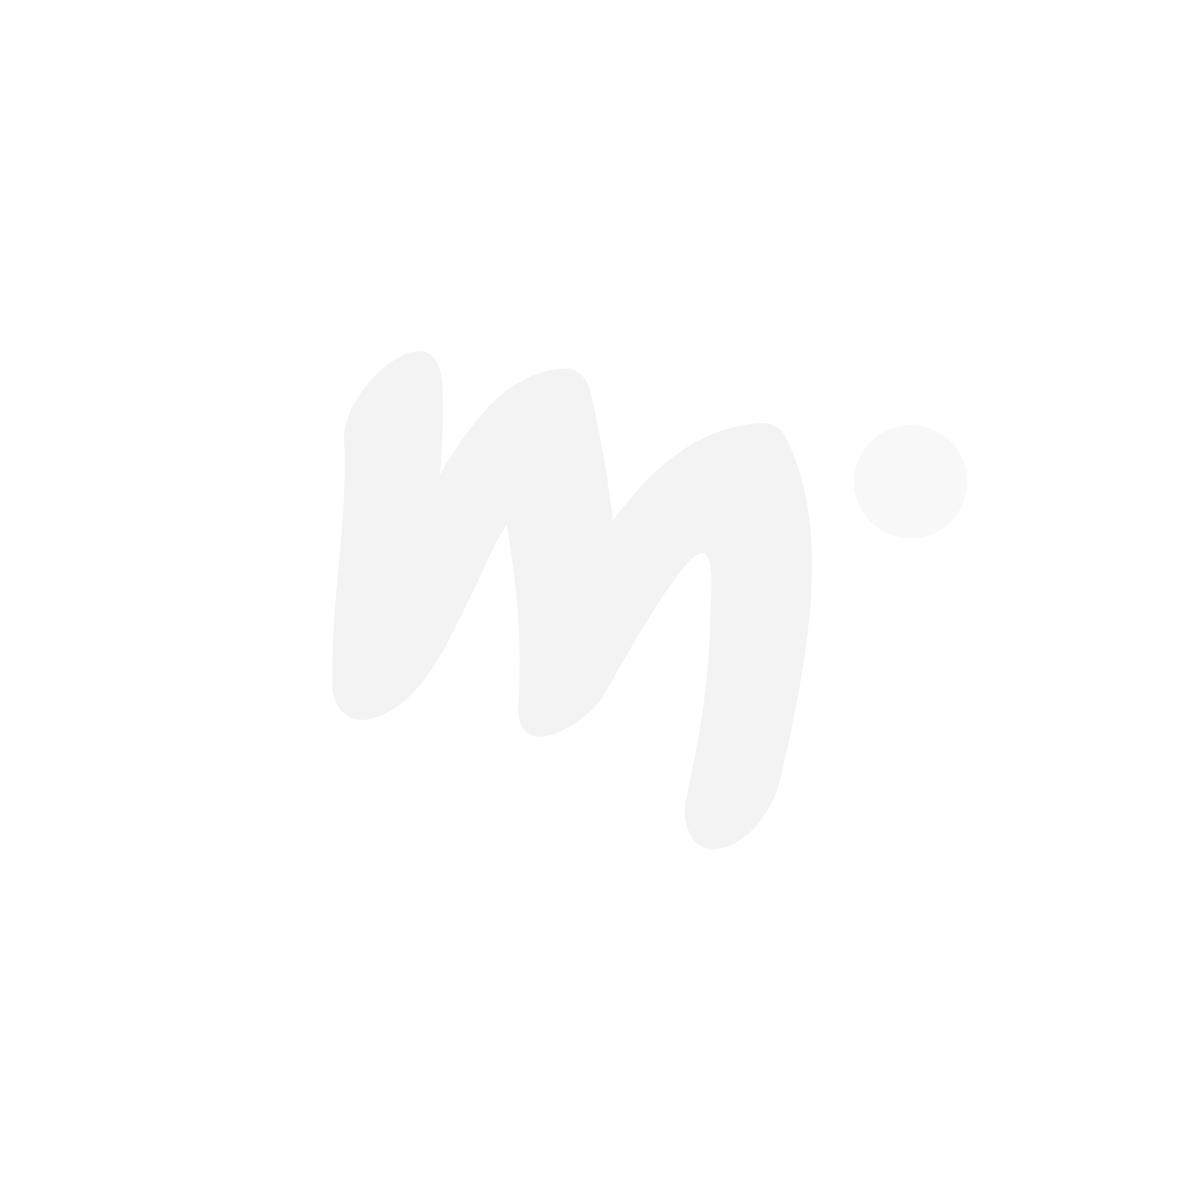 Lamaze Hyvää yötä -pehmopöllö